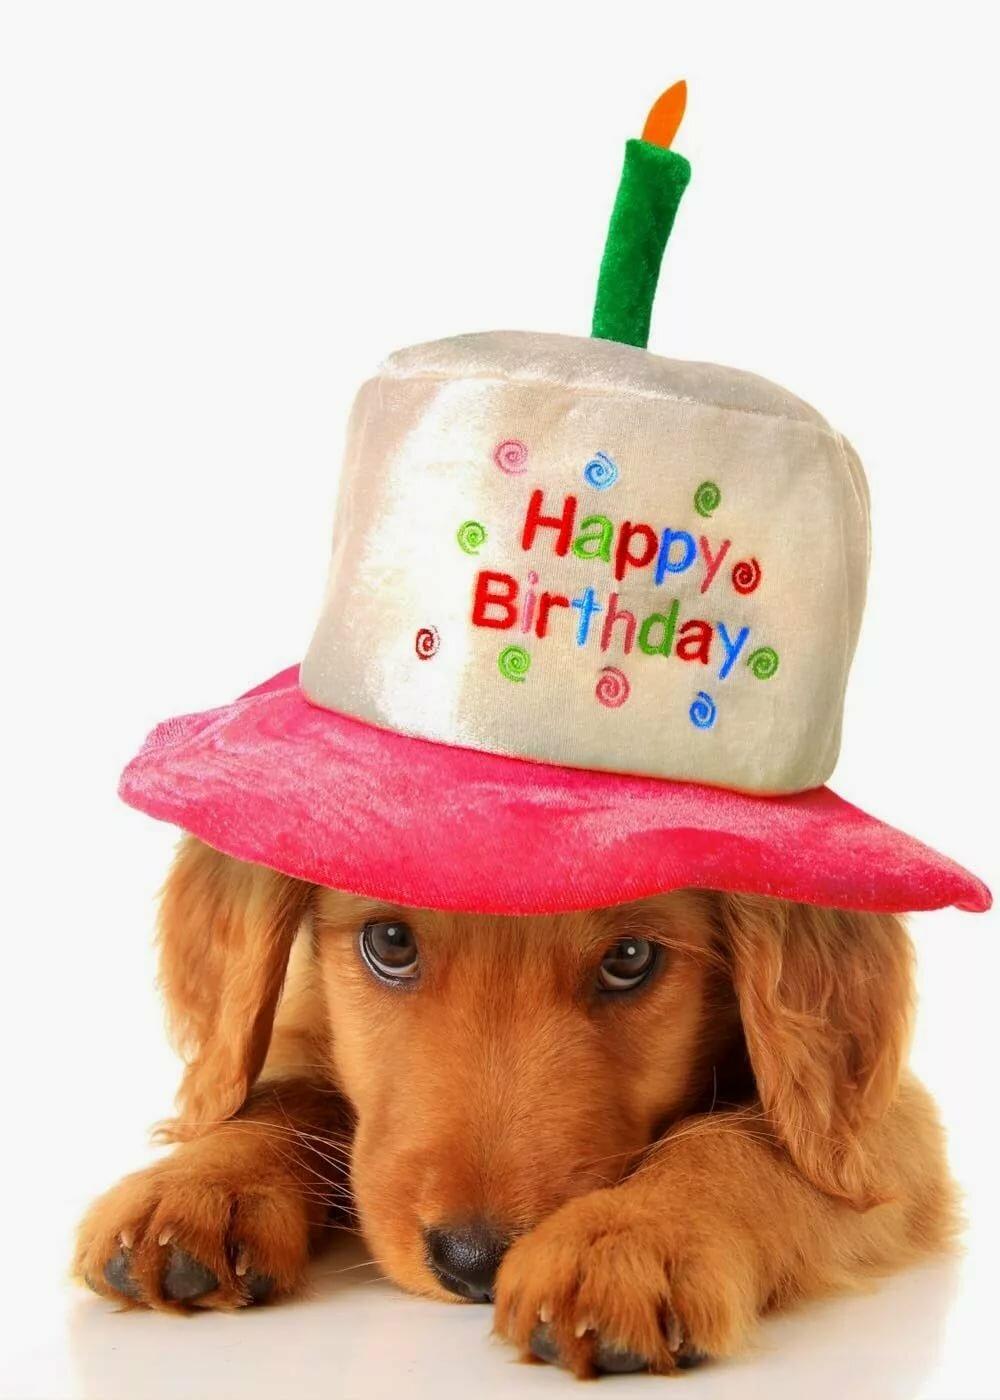 при картинки с днем рождения каждому, кто